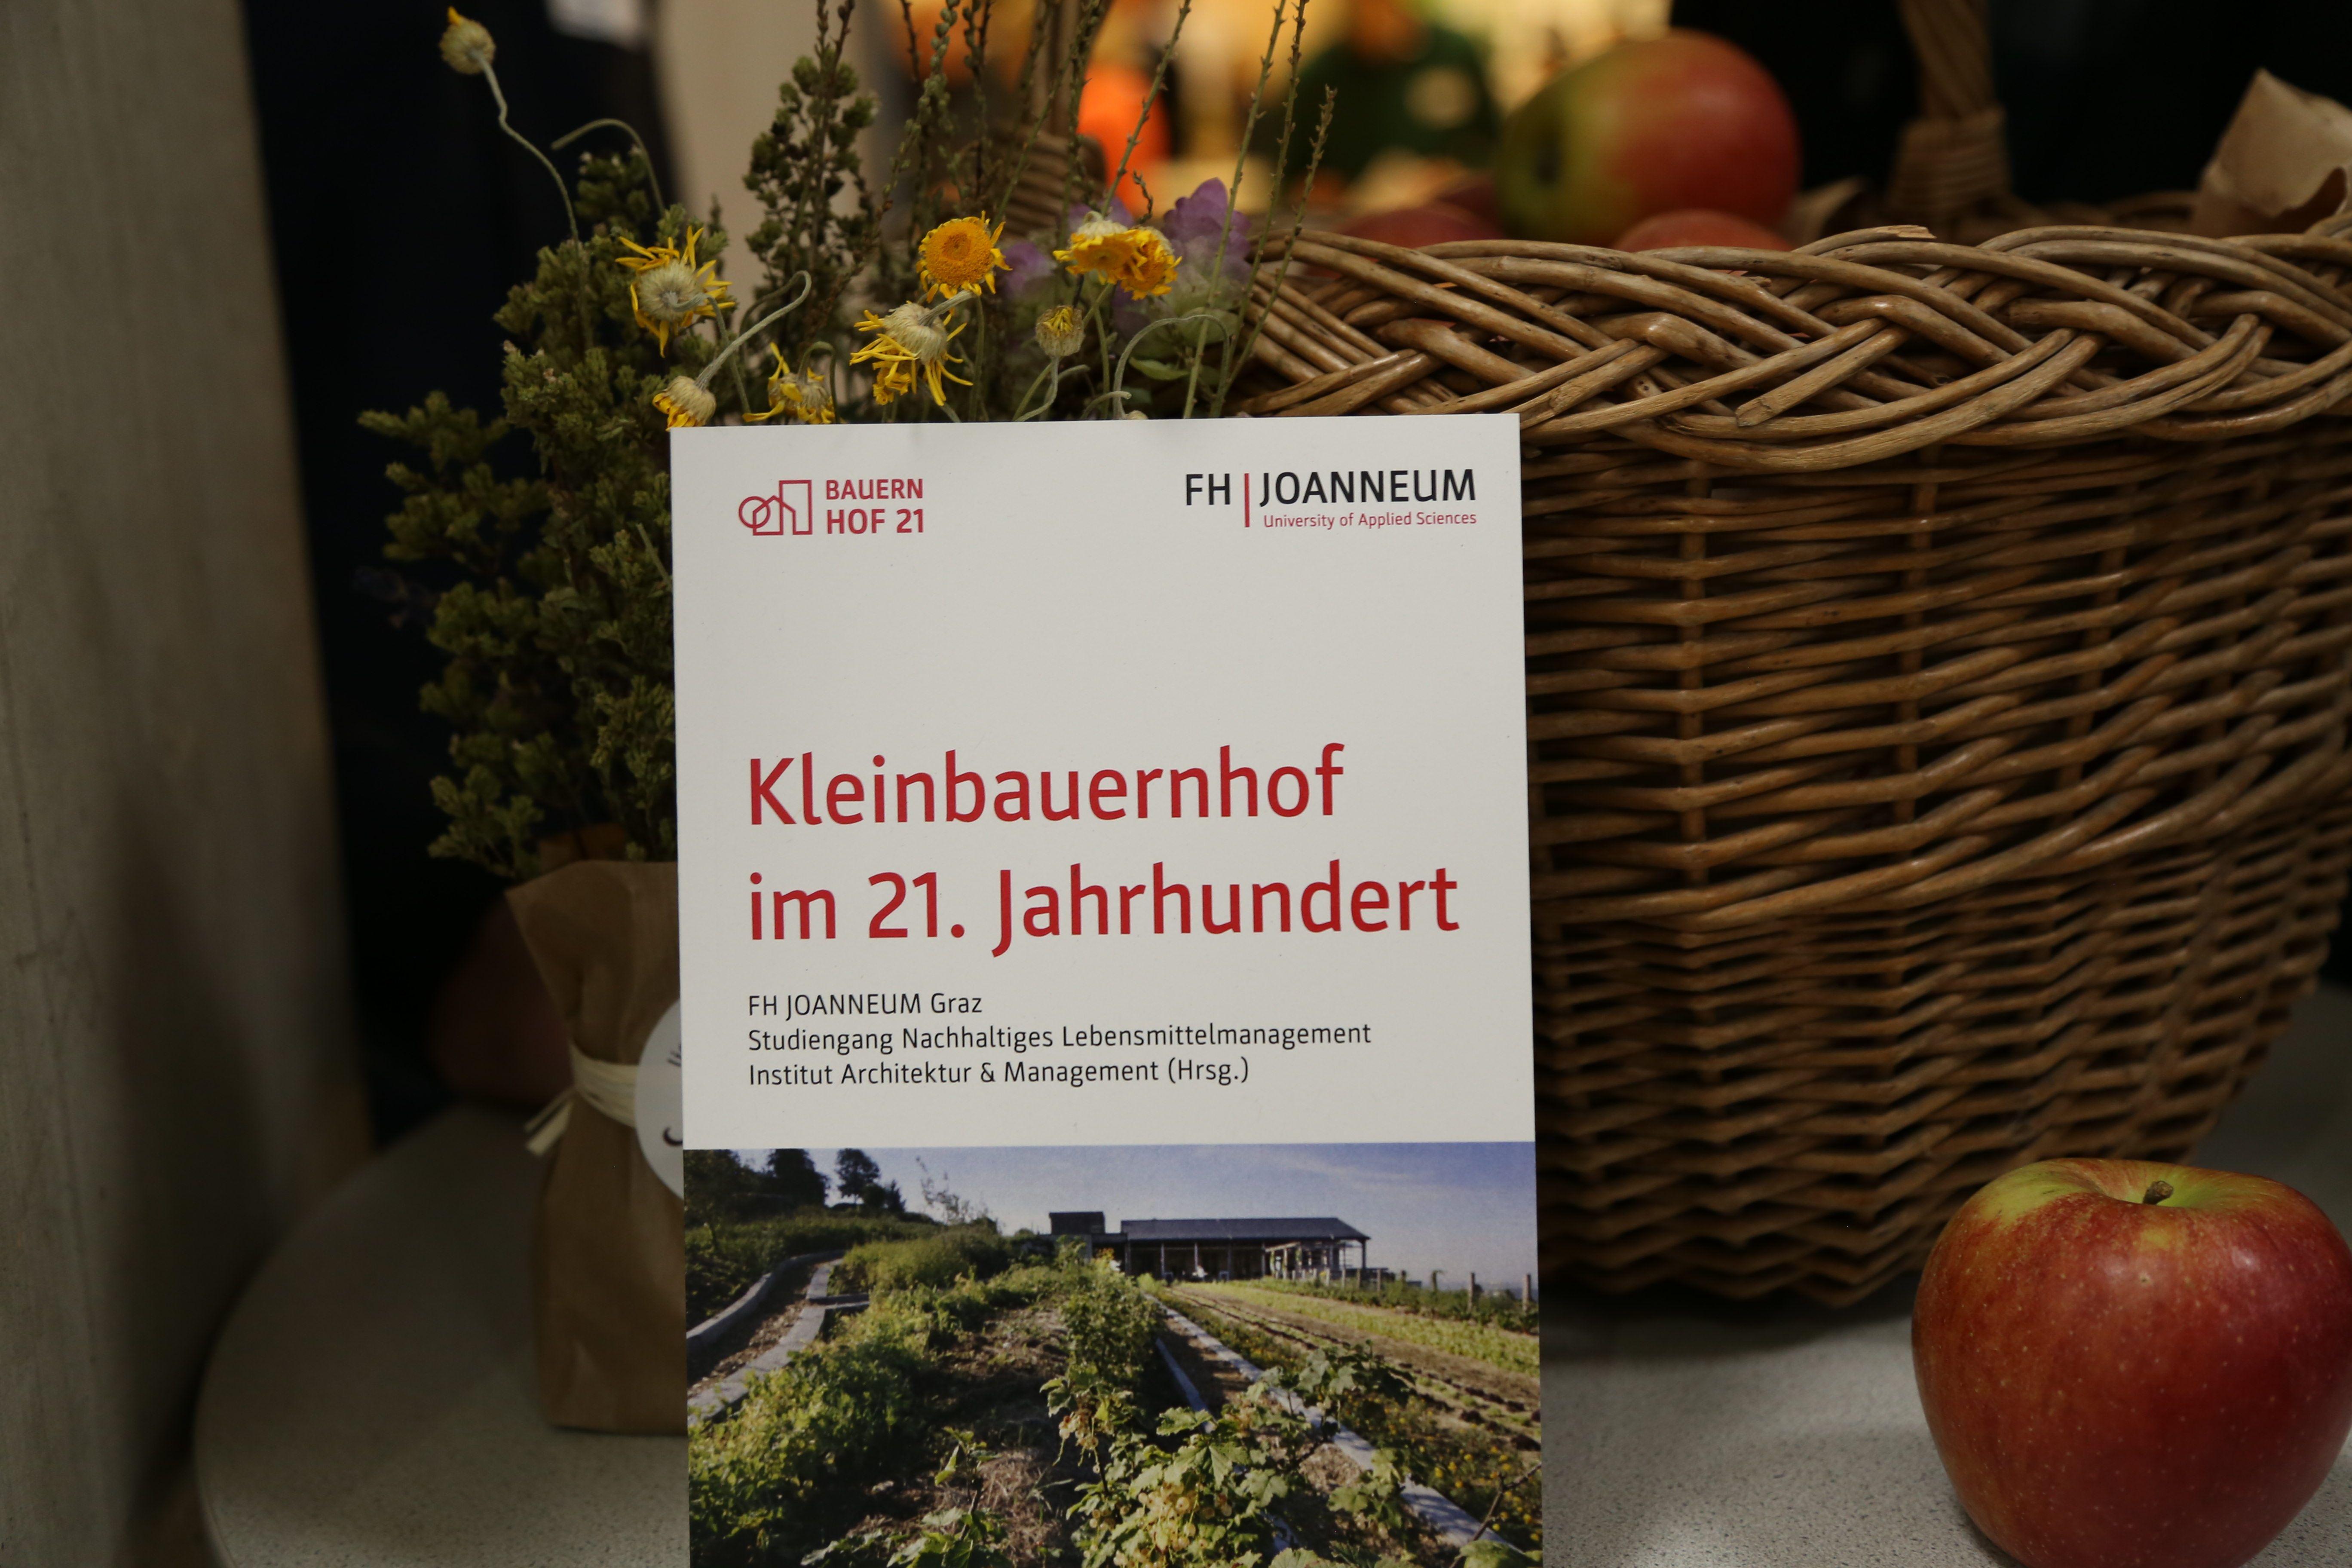 Die Struktur von Kleinbauernhöfen im 21. Jahrhundert stand im Mittelpunkt der Tagung an der FH JOANNEUM.